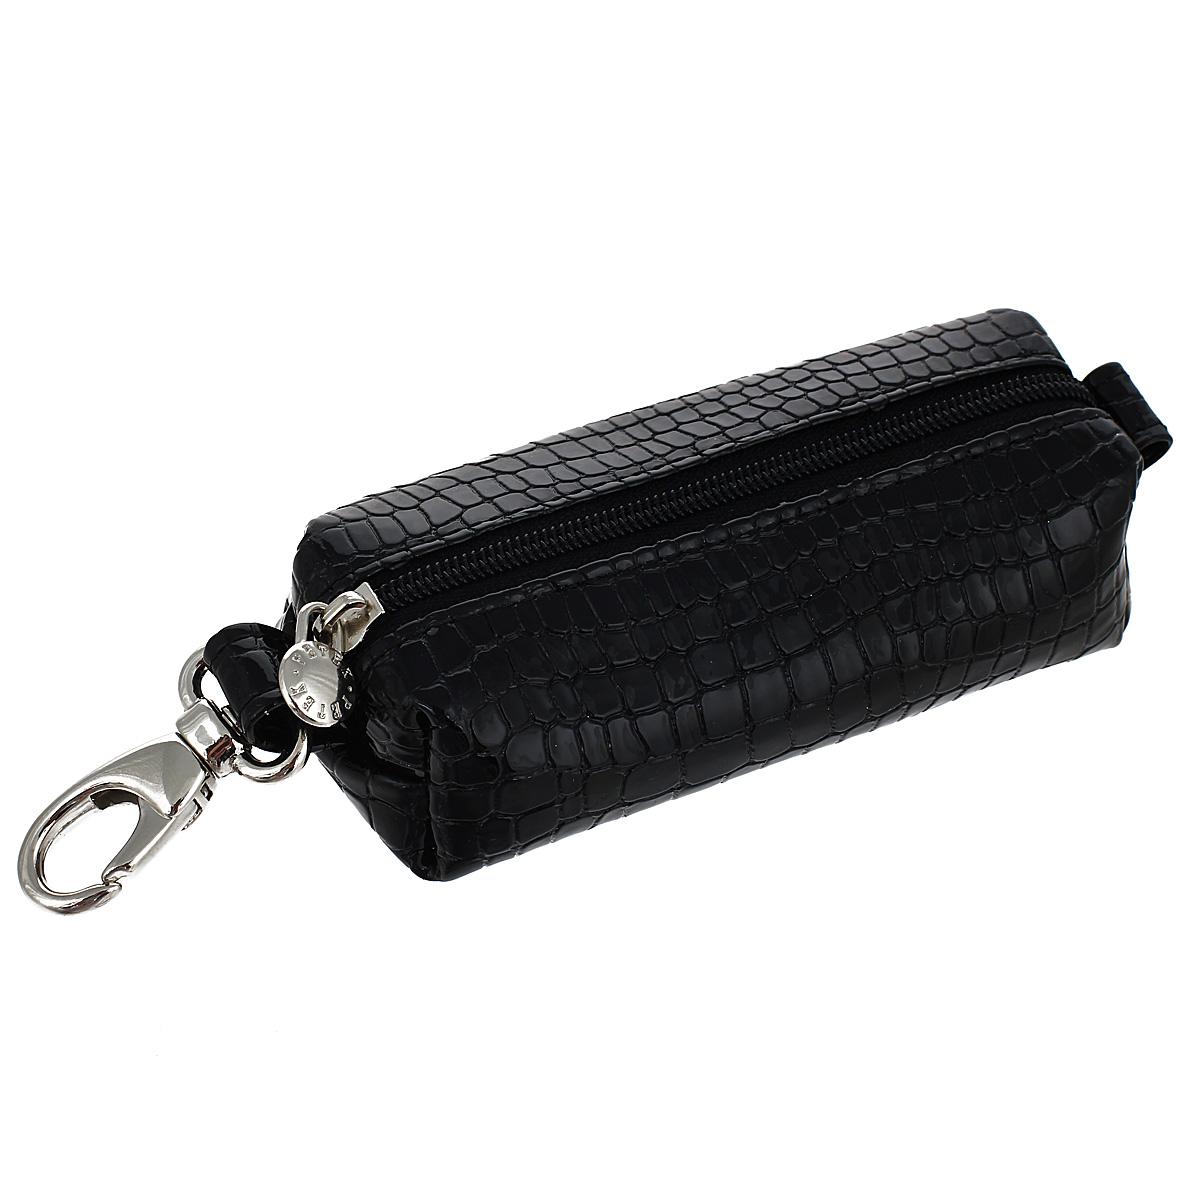 Ключница Petek, цвет: черный. 2542.091.012542.091.01 BlackКомпактная ключница Petek - стильная вещь для хранения ключей. Ключница, закрывающаяся на застежку-молнию, выполнена из натуральной глянцевой кожи. Внутри ключницы металлическое кольцо для ключей. С внешней стороны карабин для крепления. Ключница упакована в фирменную коробку с логотипом. Этот аксессуар станет замечательным подарком человеку, ценящему качественные и практичные вещи.